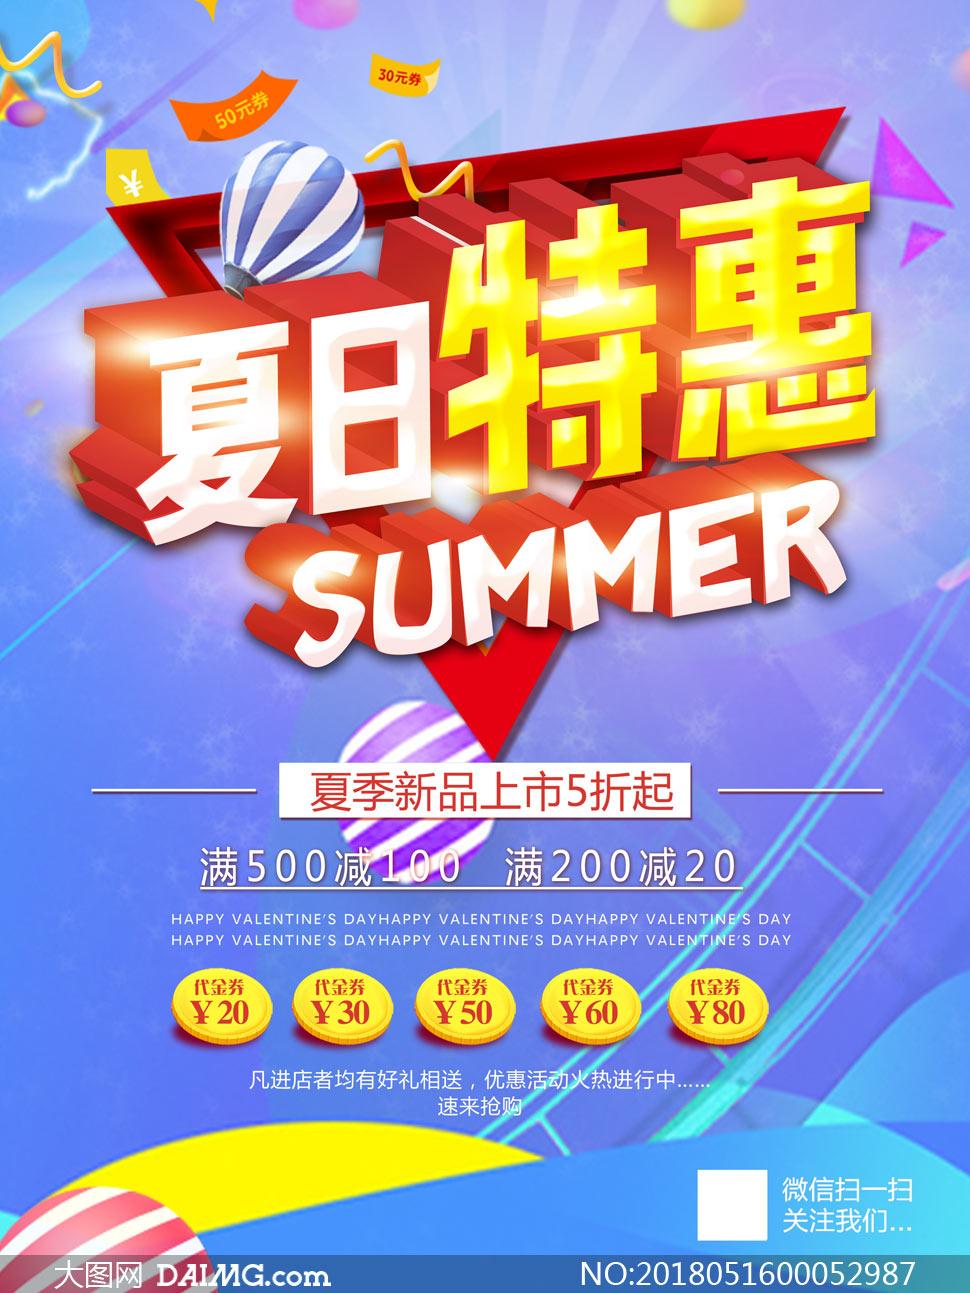 夏日特惠新品促销海报PSD源文件